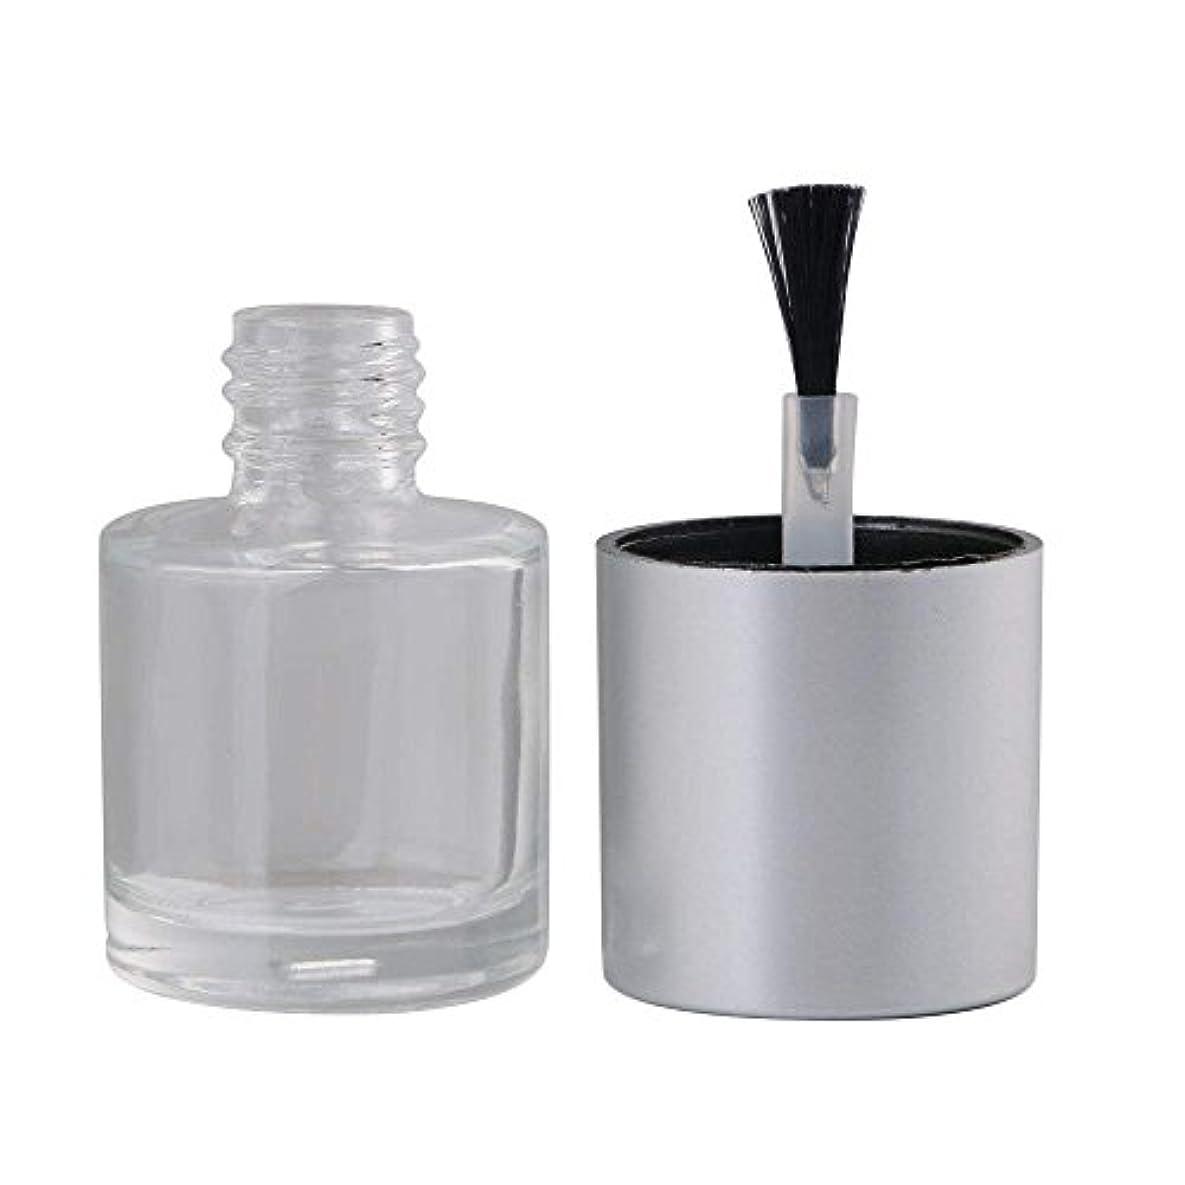 見せます予防接種する差Diystyle 10個入 マニキュアボトル 空ボトル 10ml 小分けボトル 詰め替え 化粧品収納 旅行用品 ガラス グレー